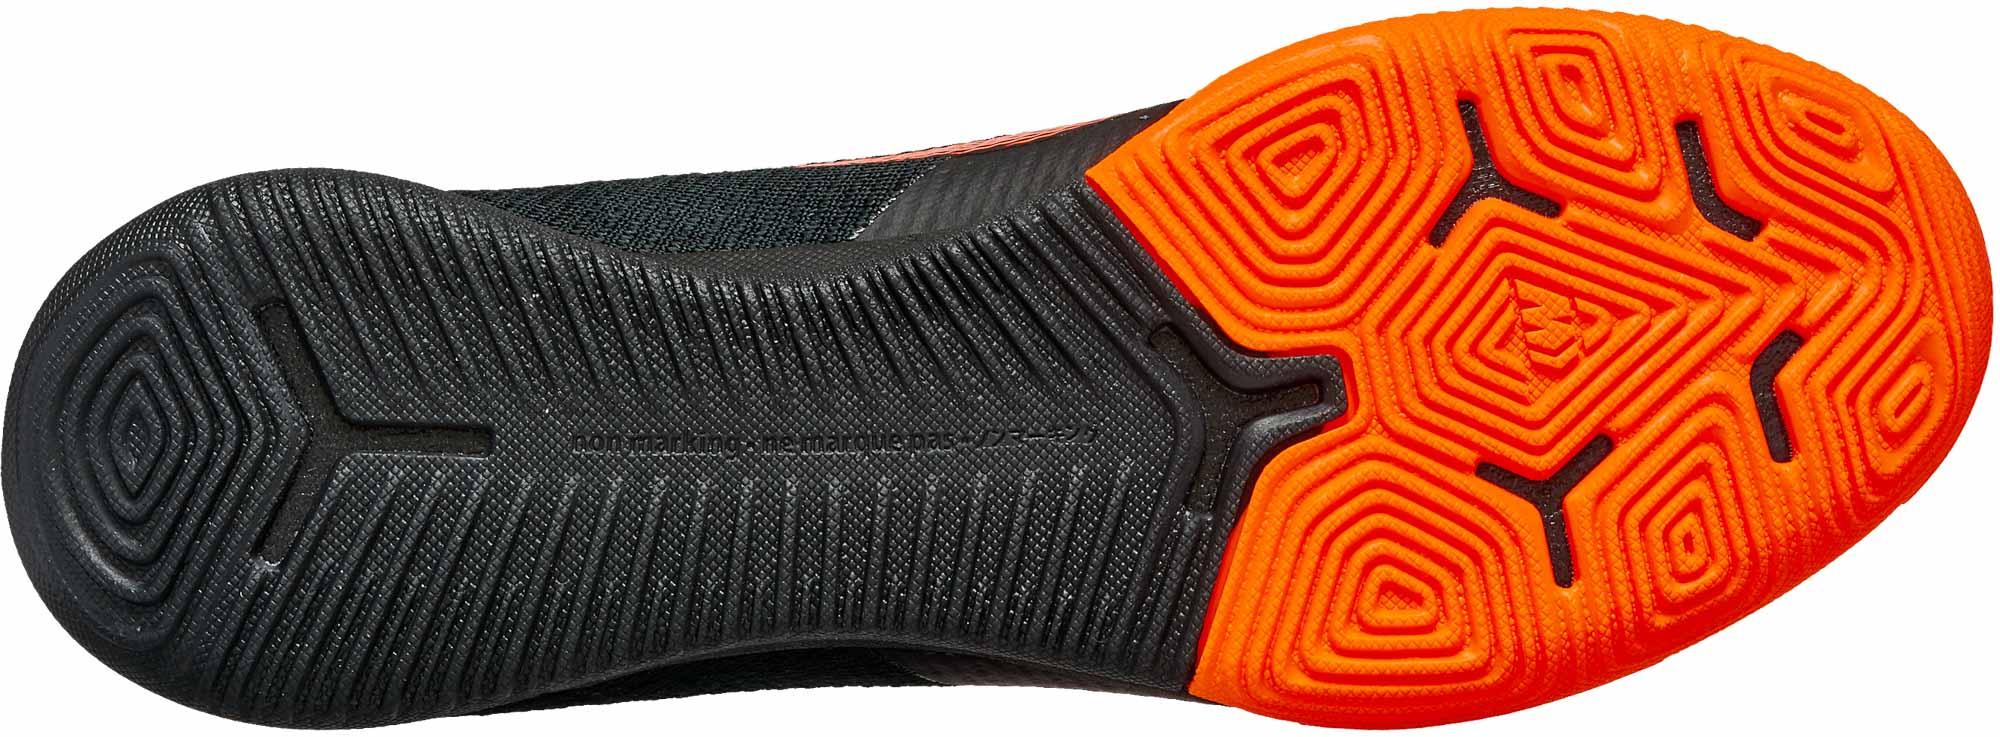 Nike SuperflyX 6 Elite IC – Black/Total Orange